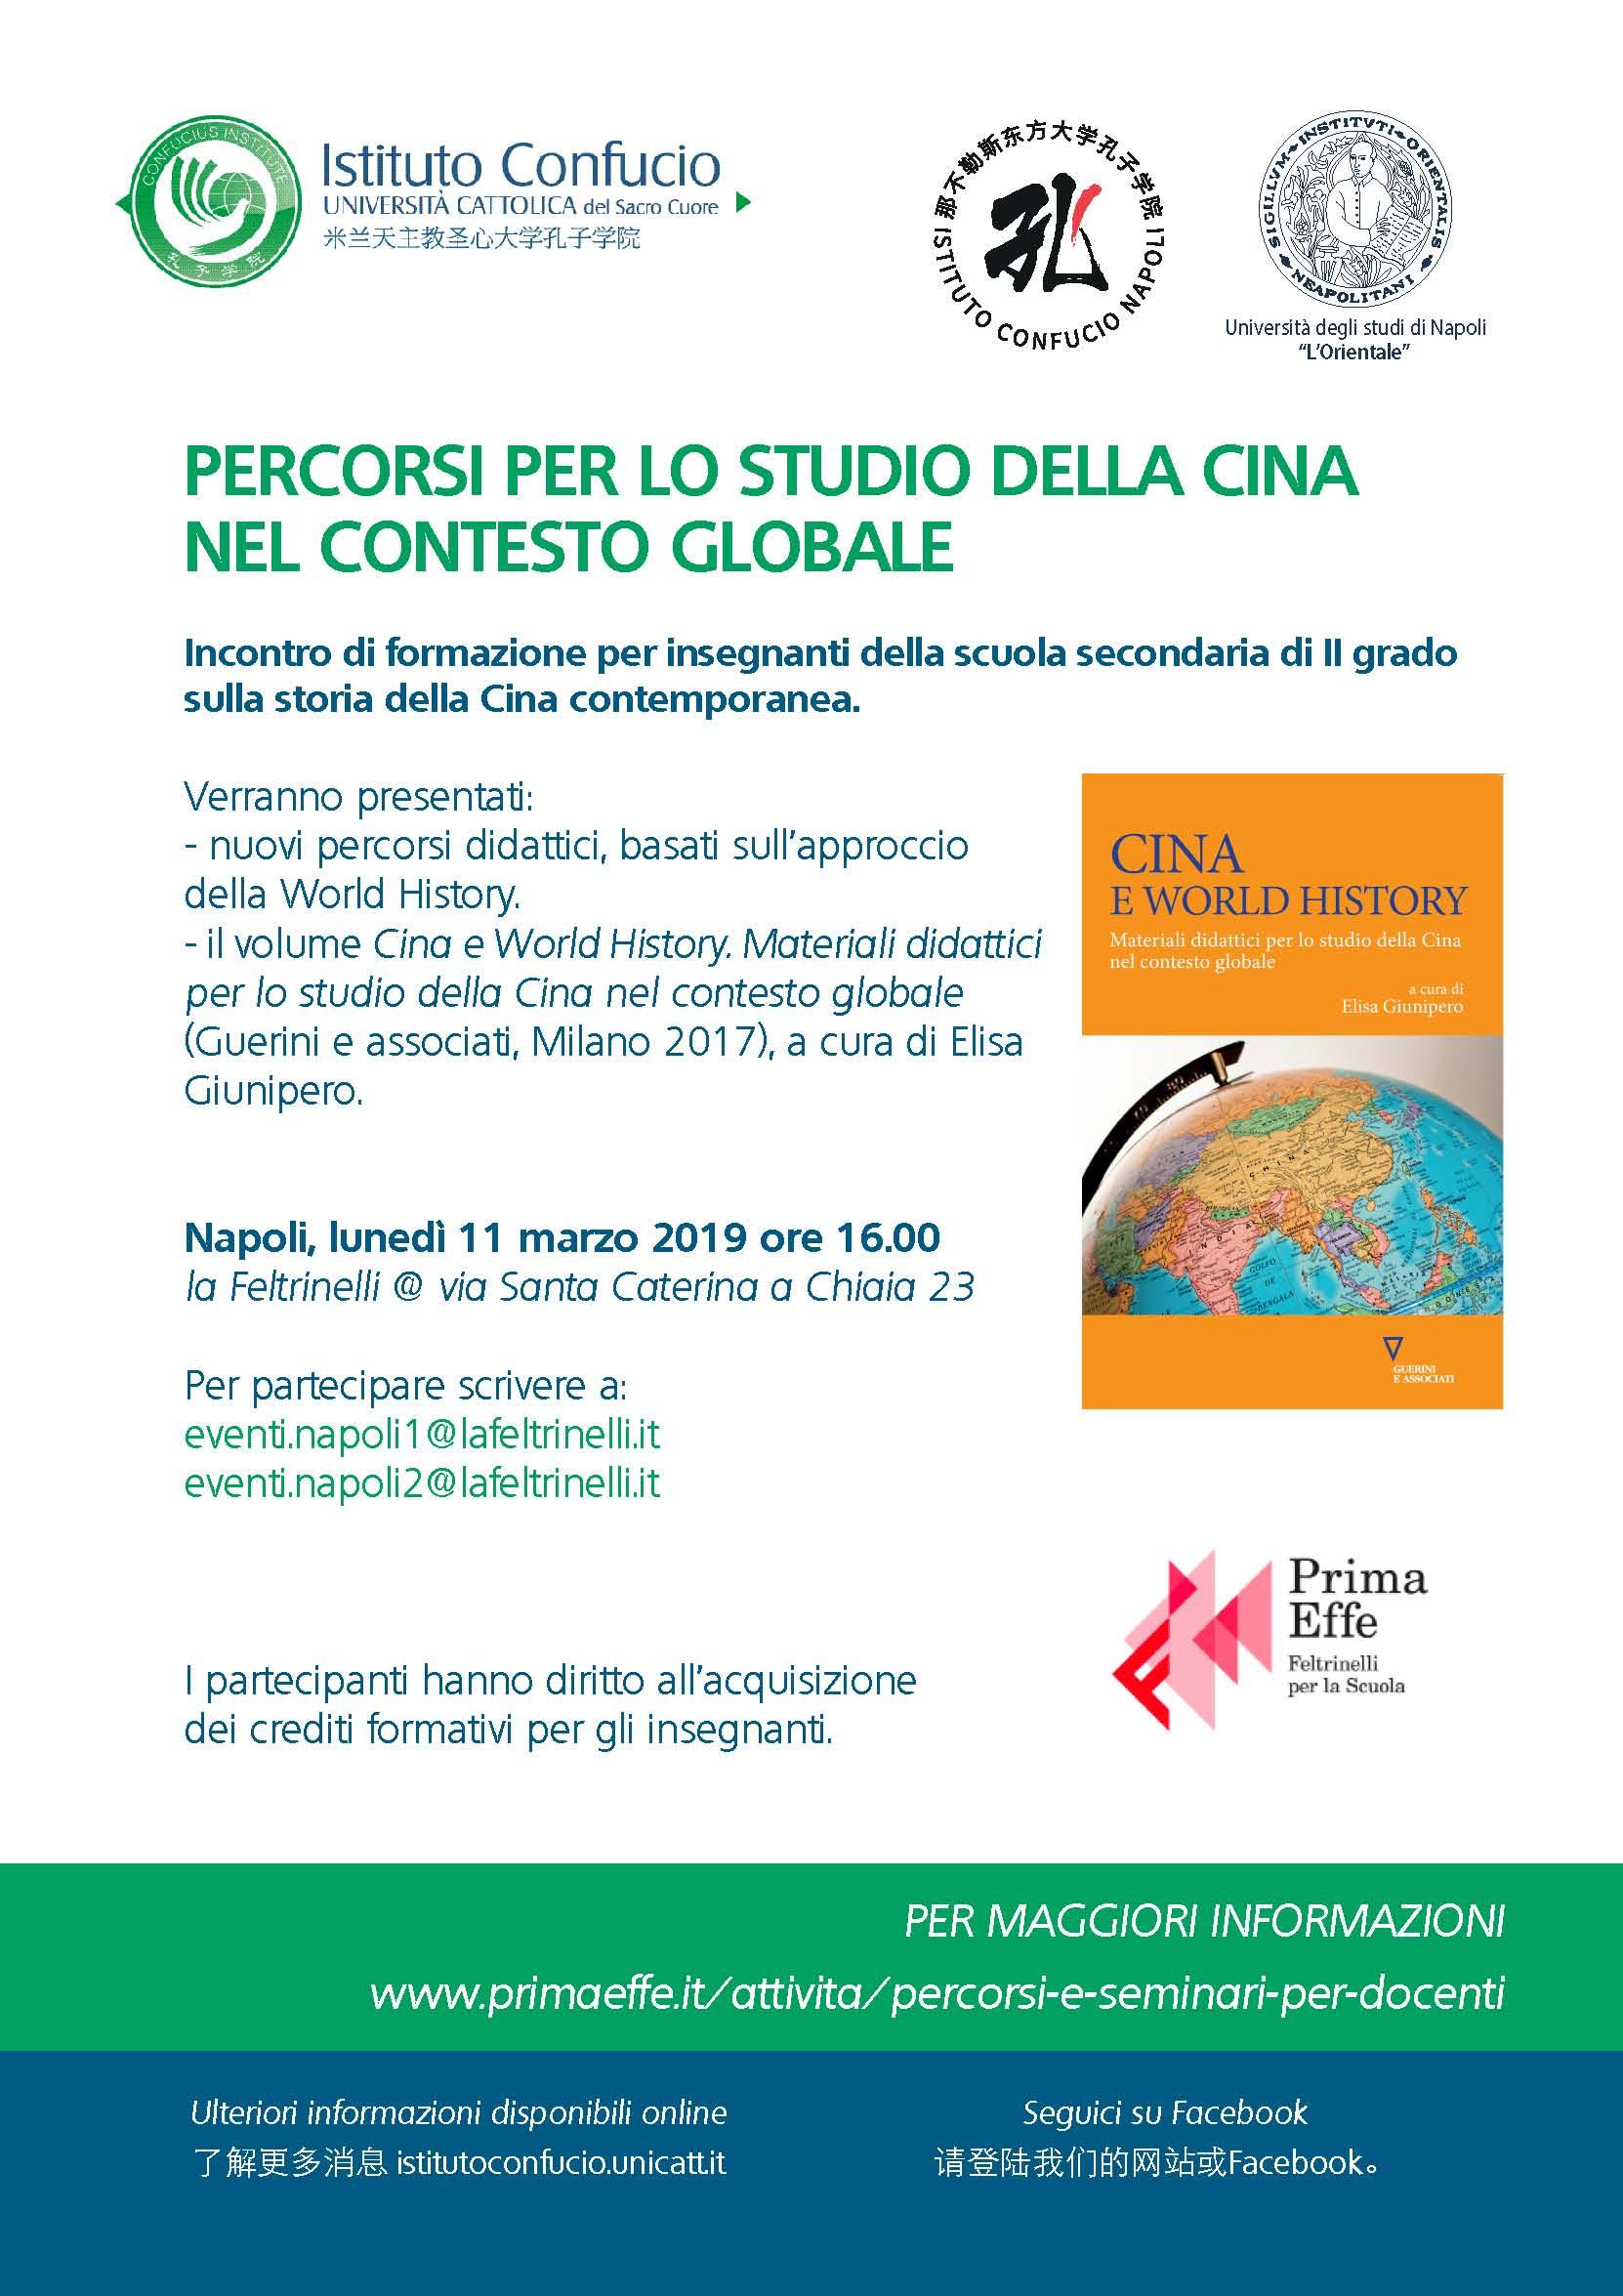 poster napoli feltrinelli confucio 11-03-19.jpg